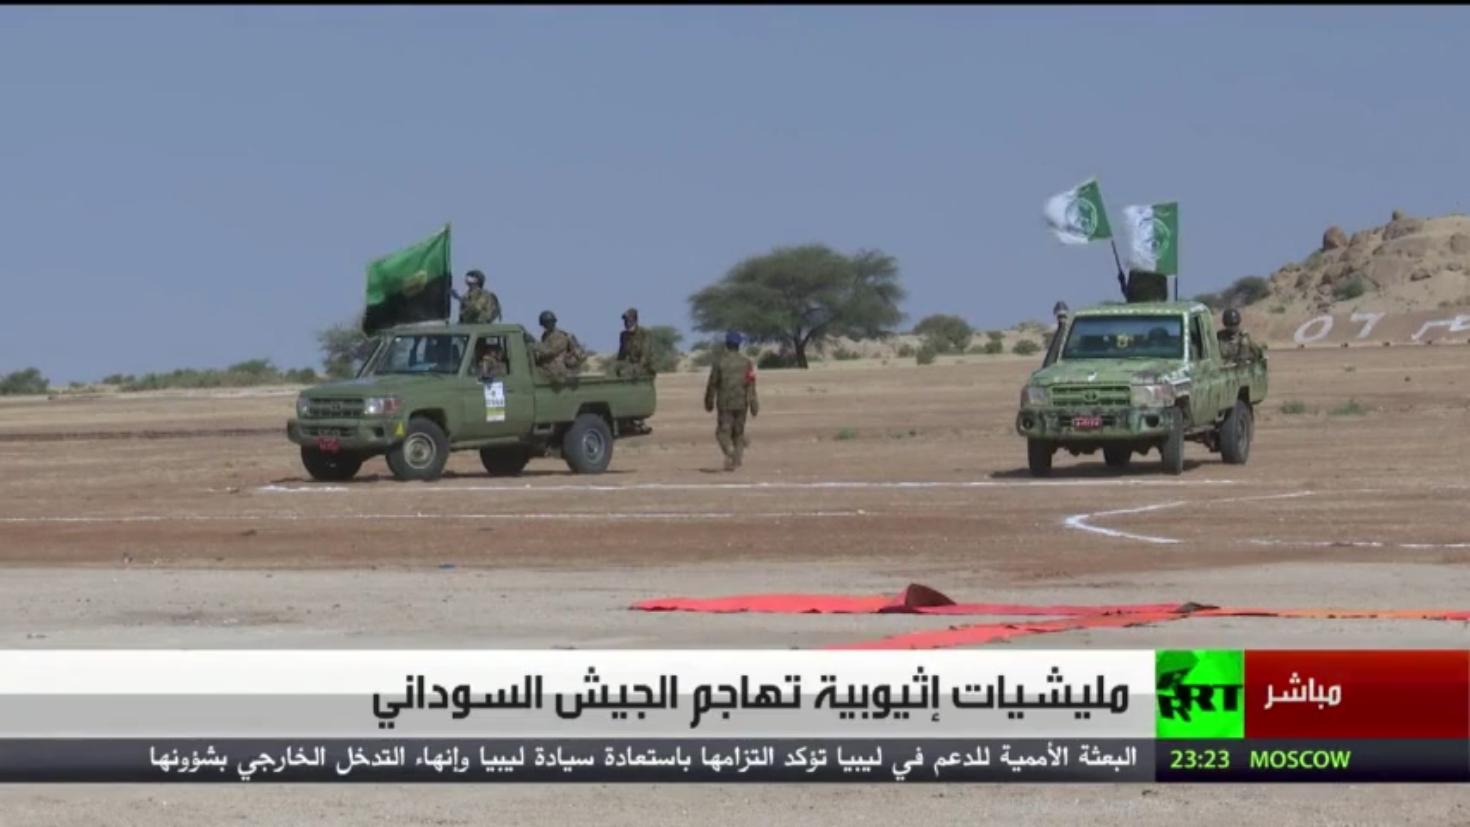 مليشيات إثيوبية تهاجم الجيش السوداني